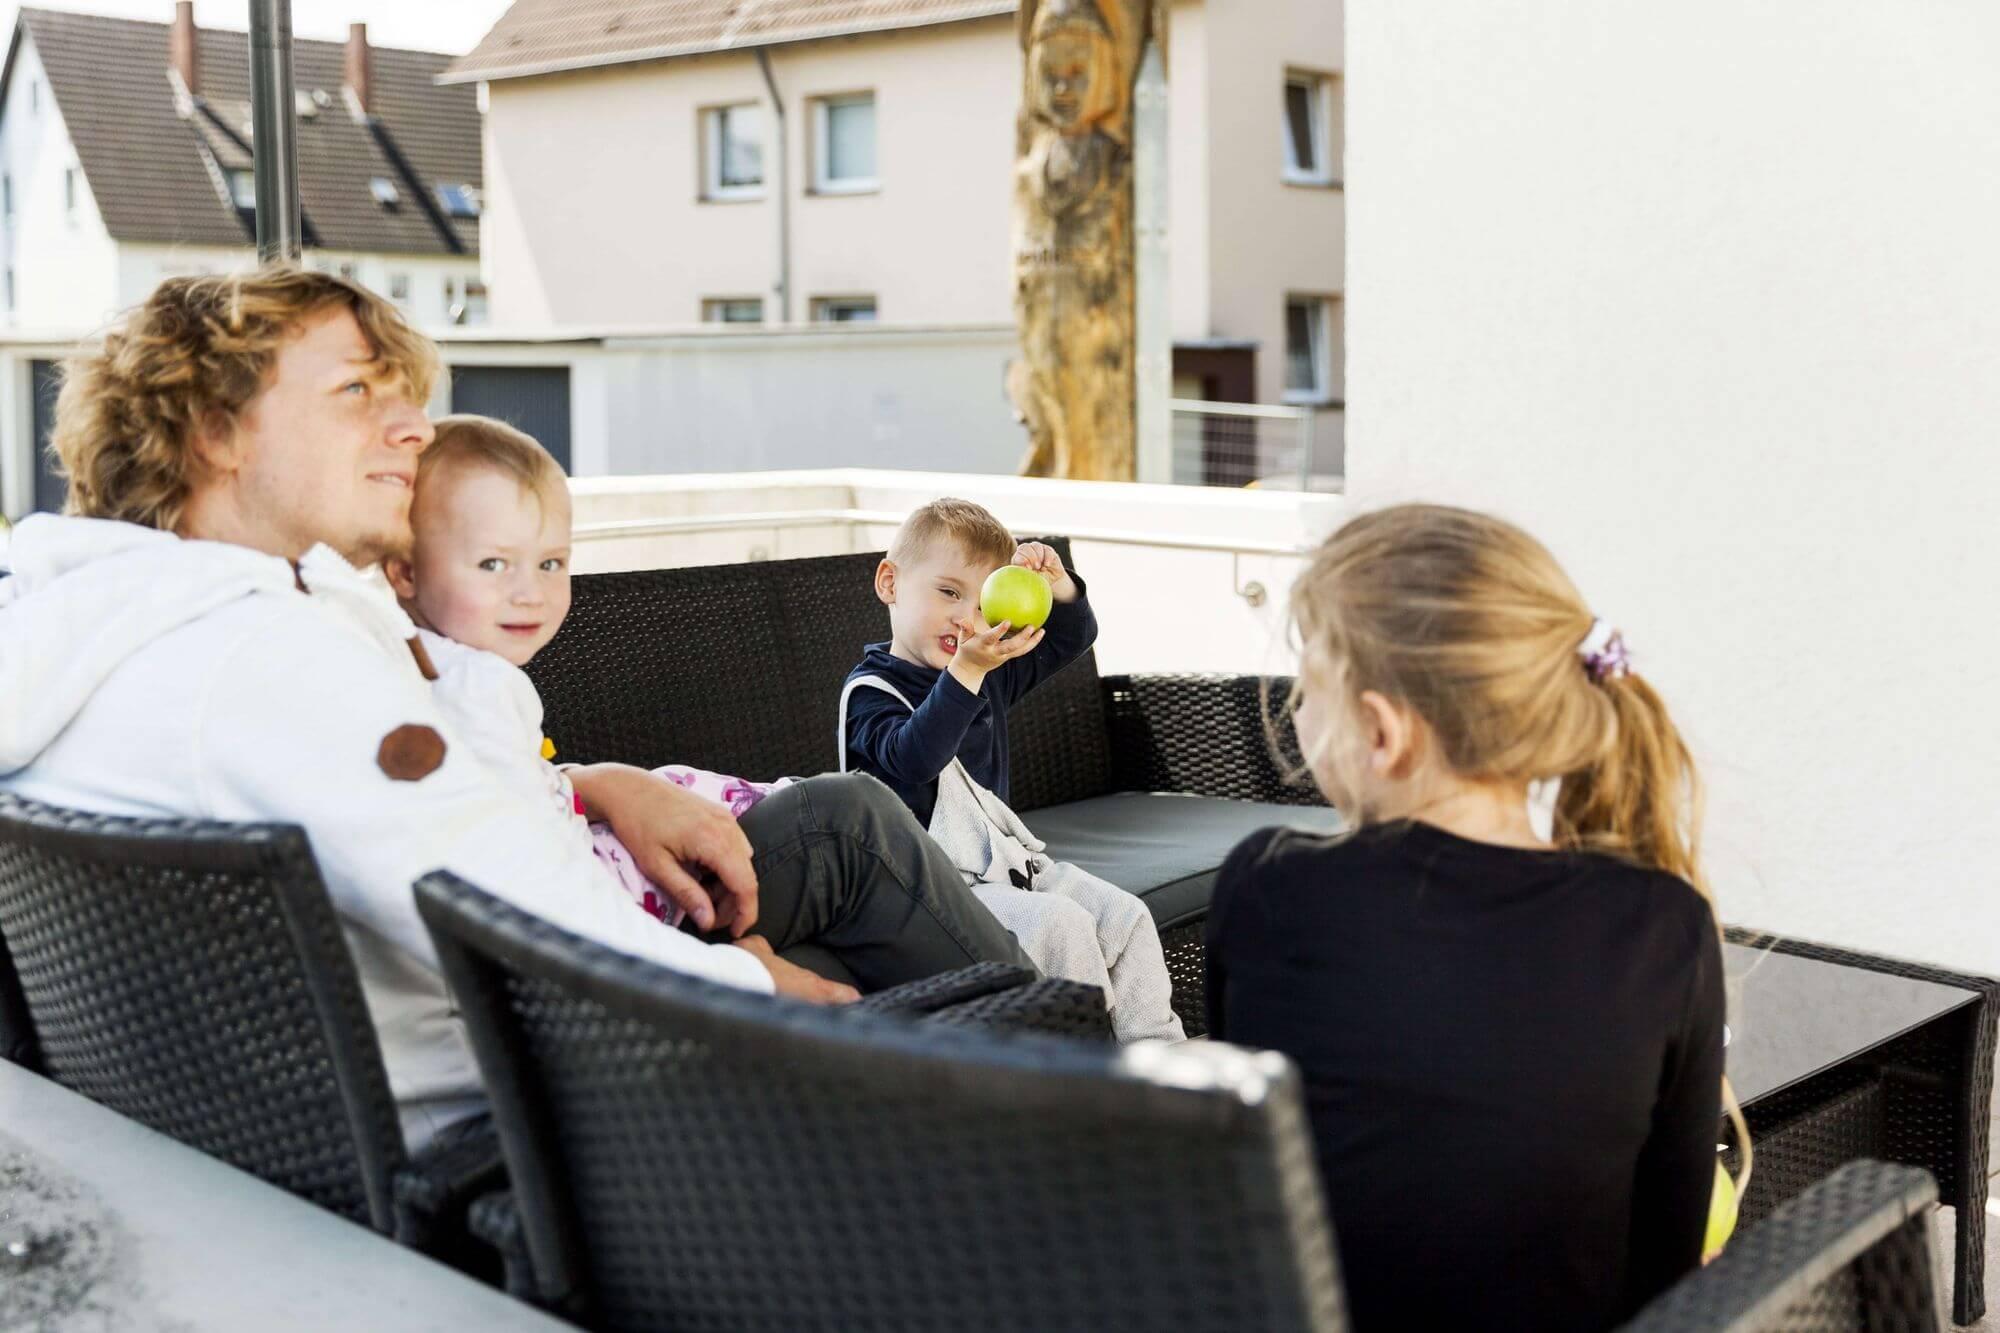 Drei Kinder und ein Erwachsener auf der Sommerterrasse im Eingangsbereich